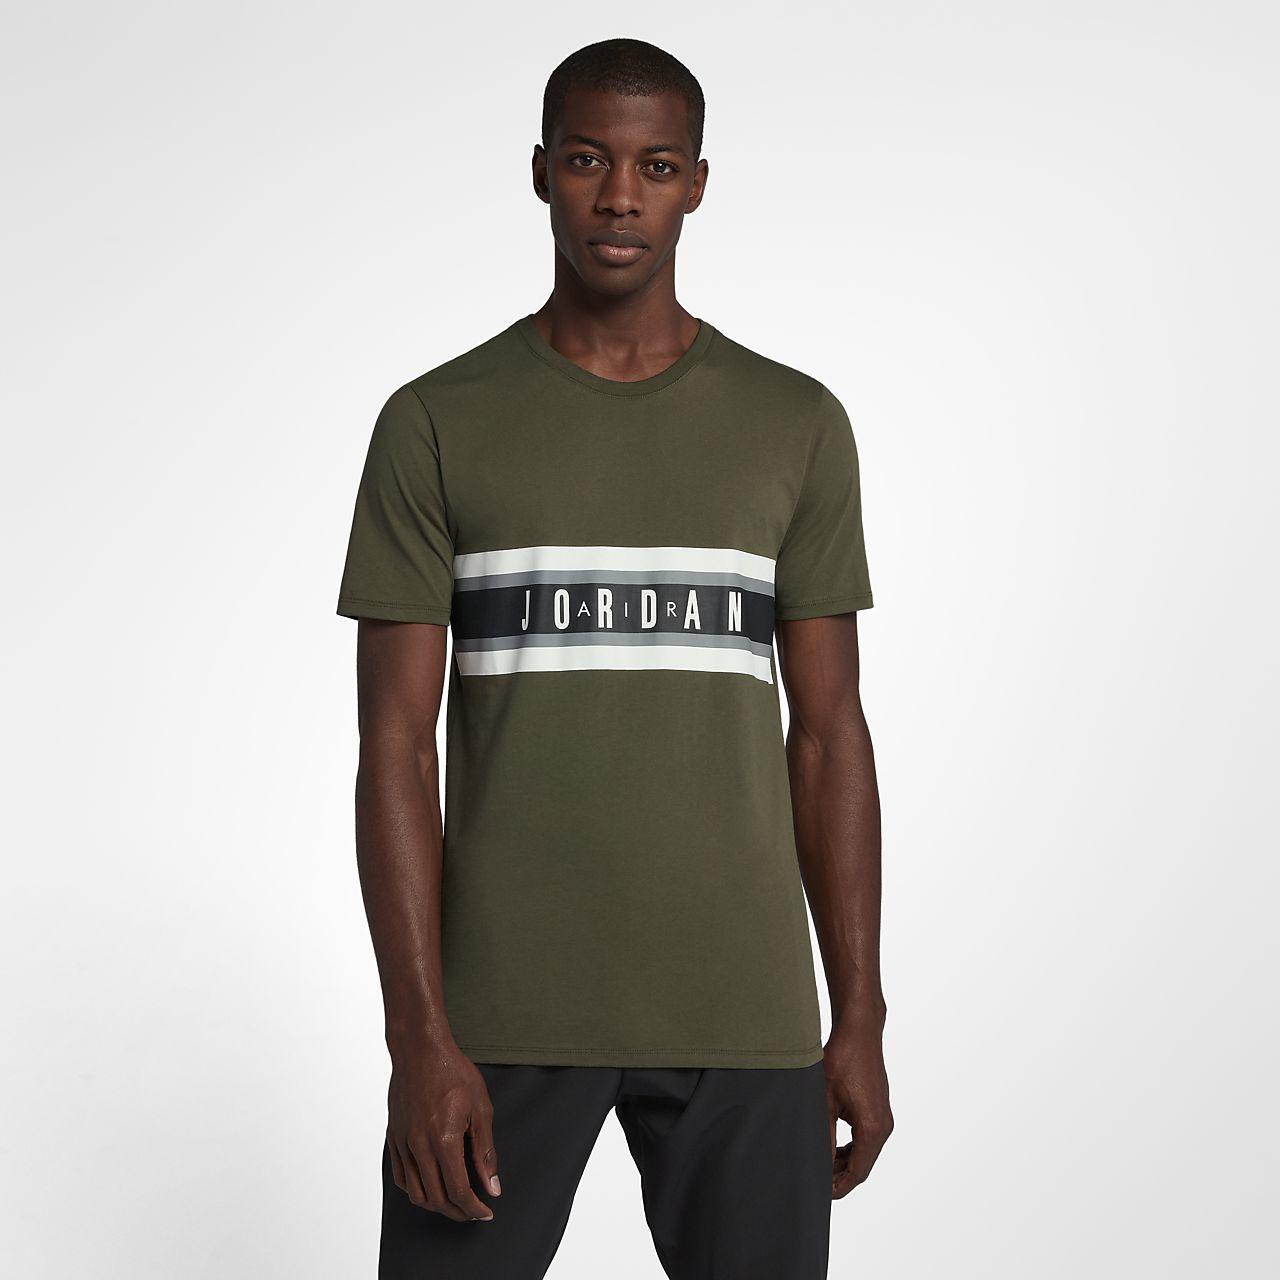 Мужская баскетбольная футболка с графикой Jordan. Nike.com RU 871856a5122